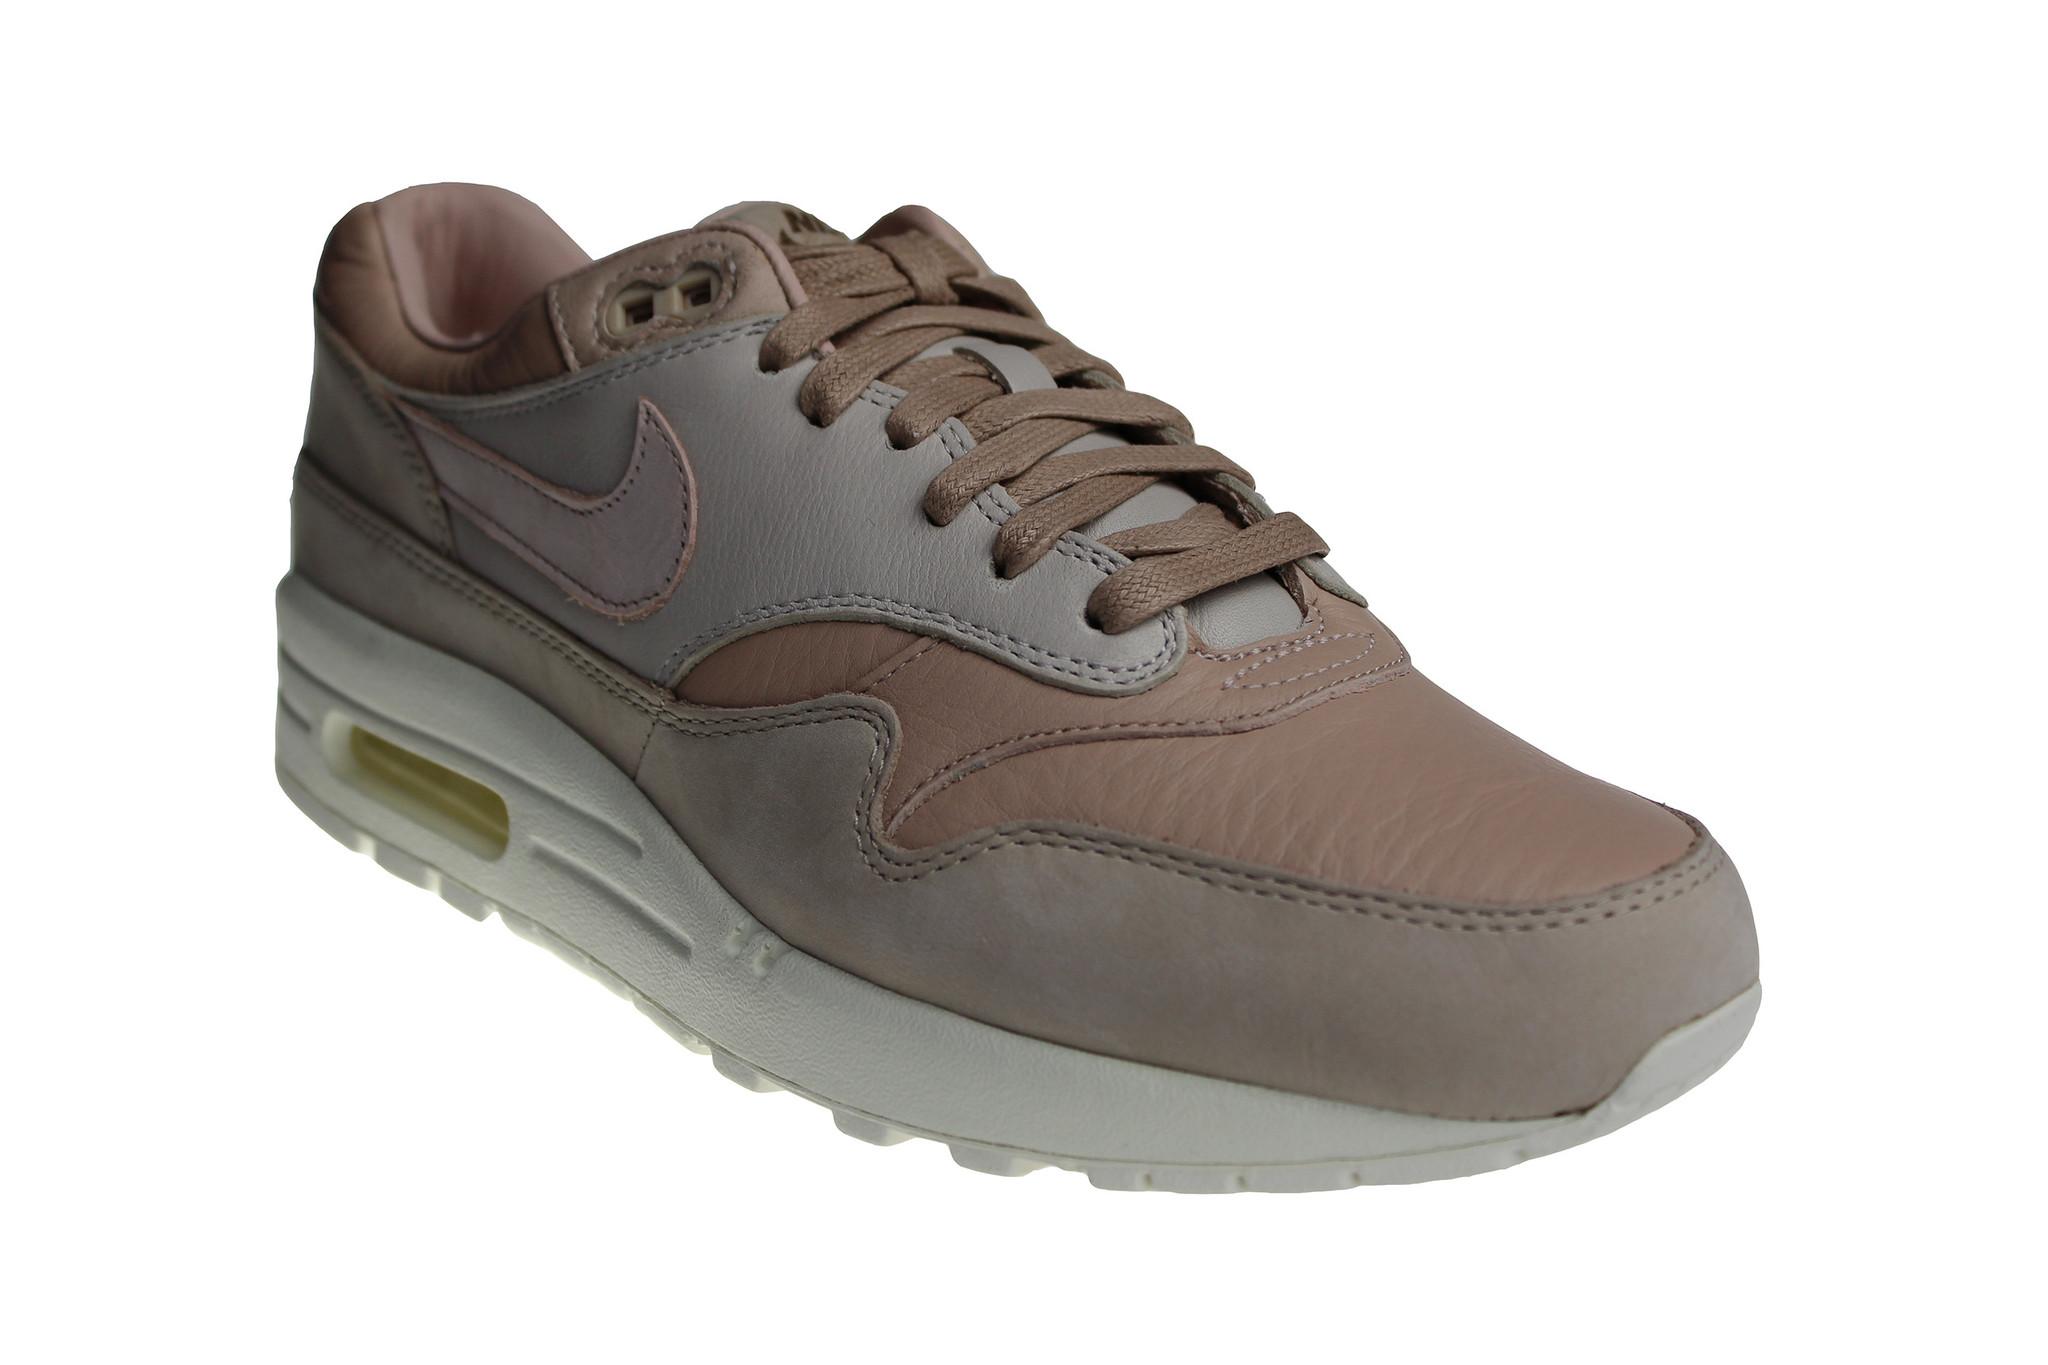 Nike Air Max 90 Essential Schwarz Grau Grün 47146 815 Neue